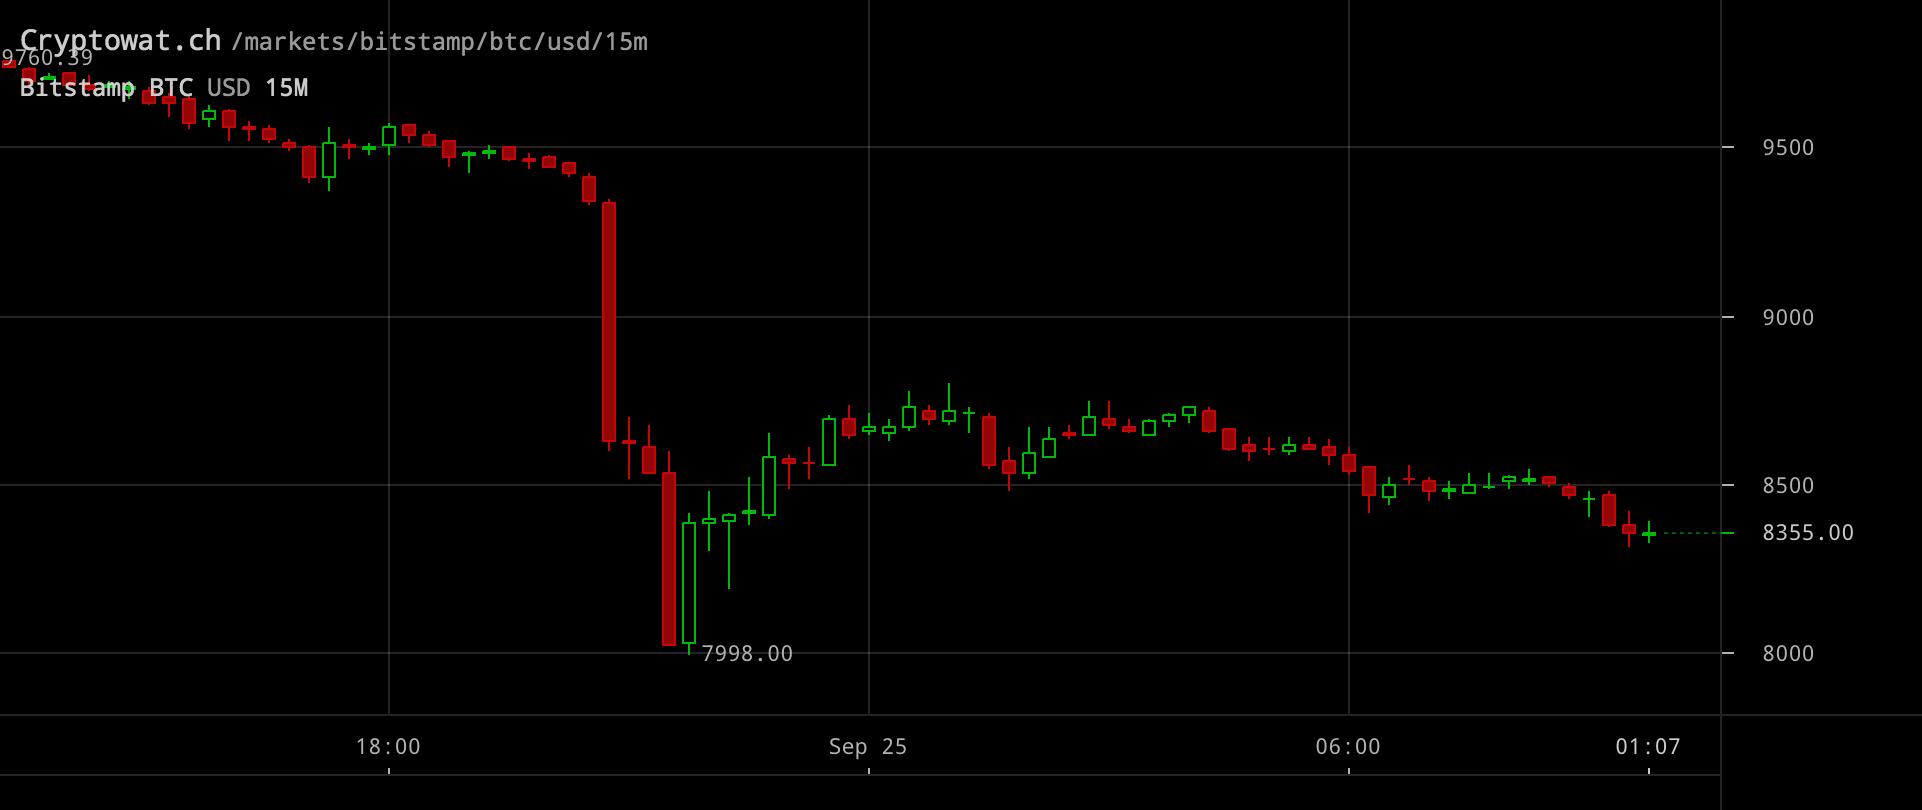 Bitcoinpriset inställt på 15-minutersvy.